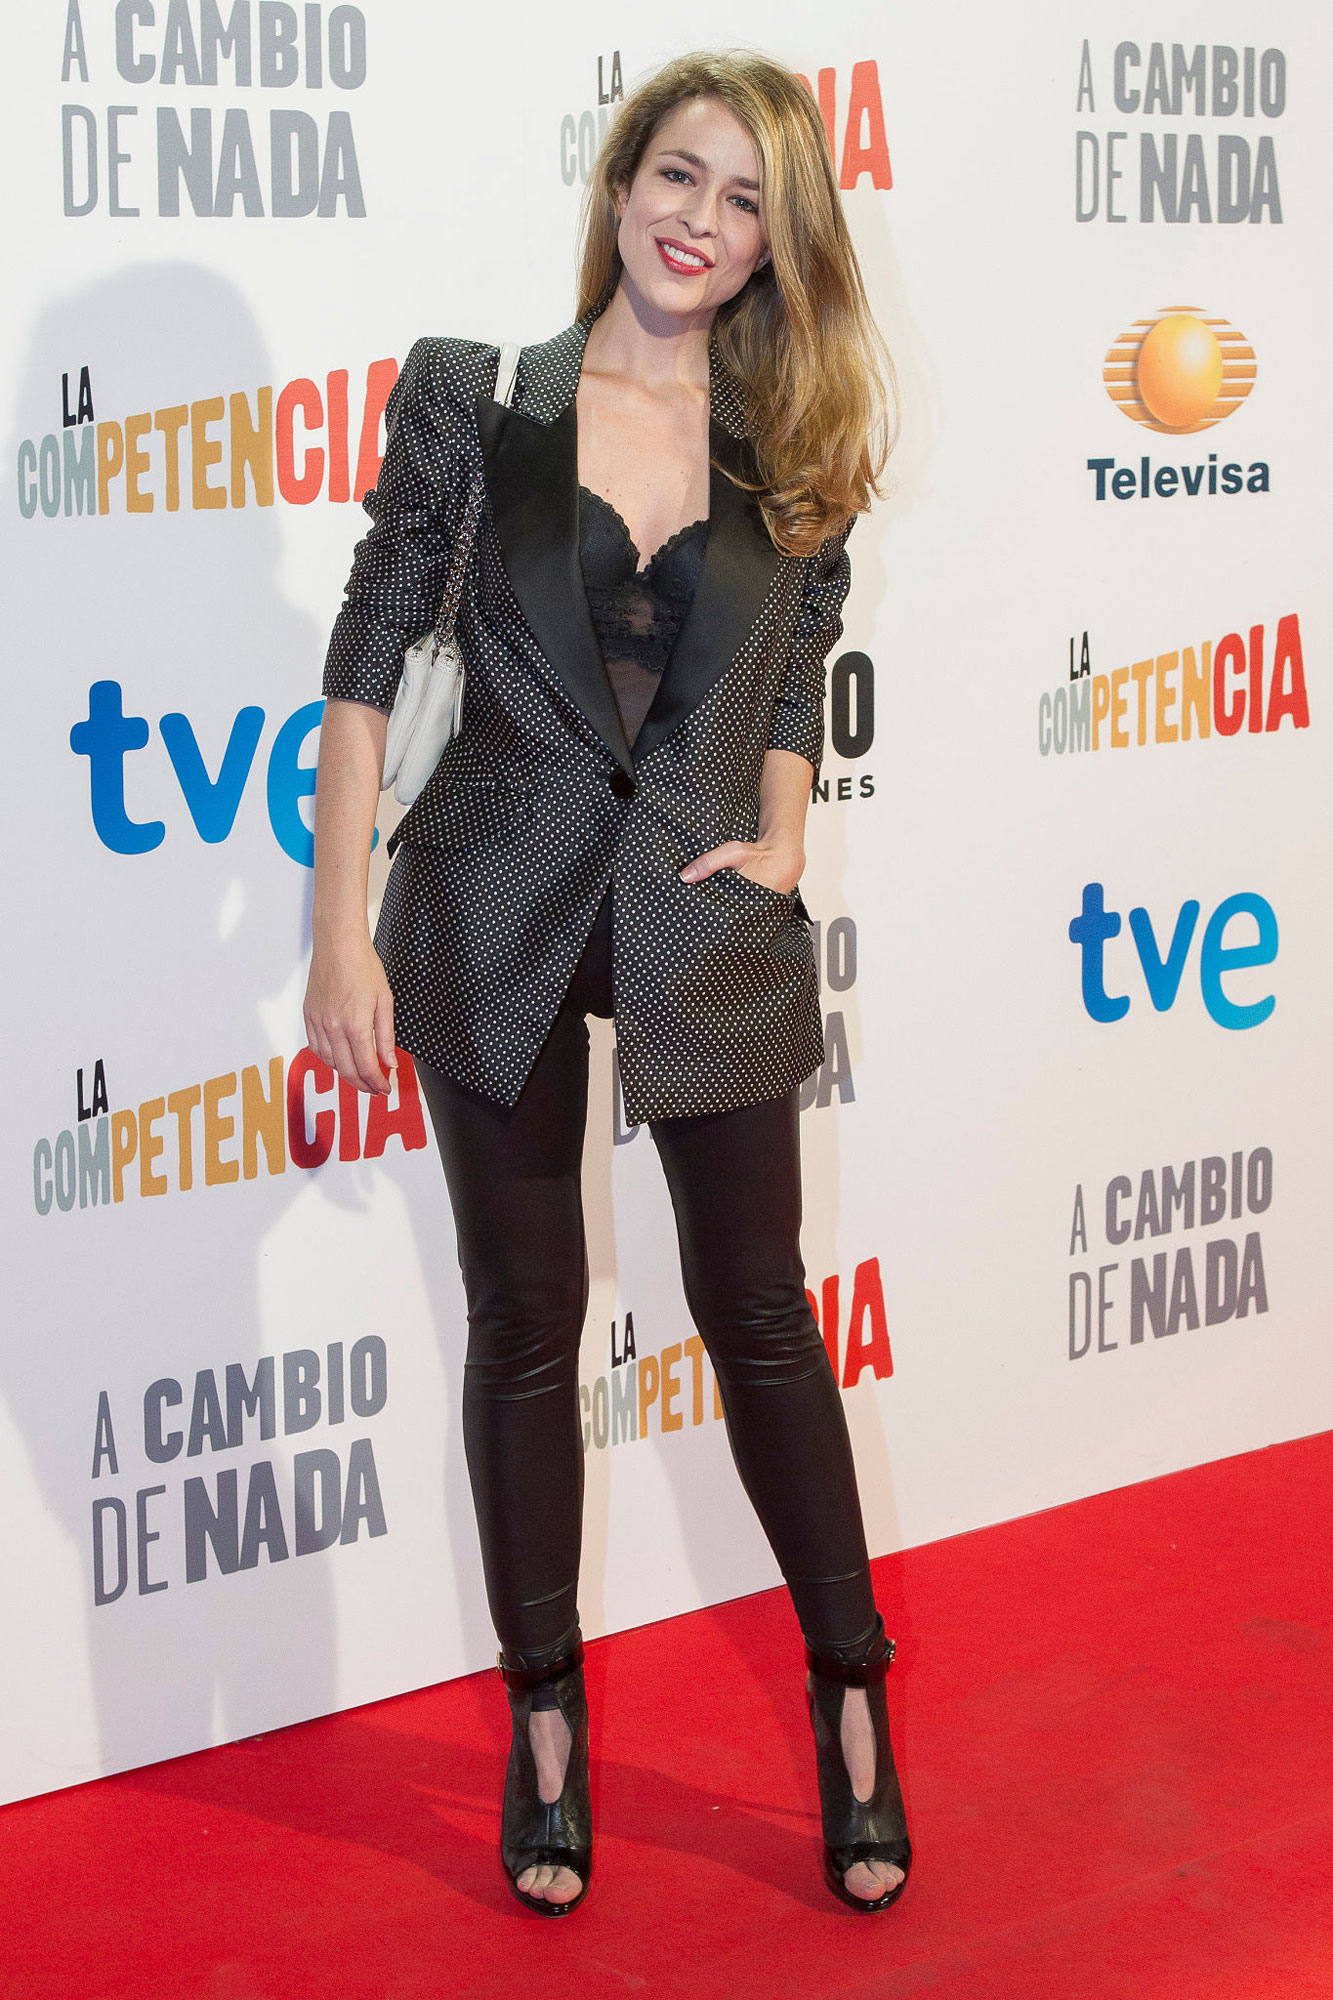 Silvia Abascal attends 'A cambio de nada' premiere